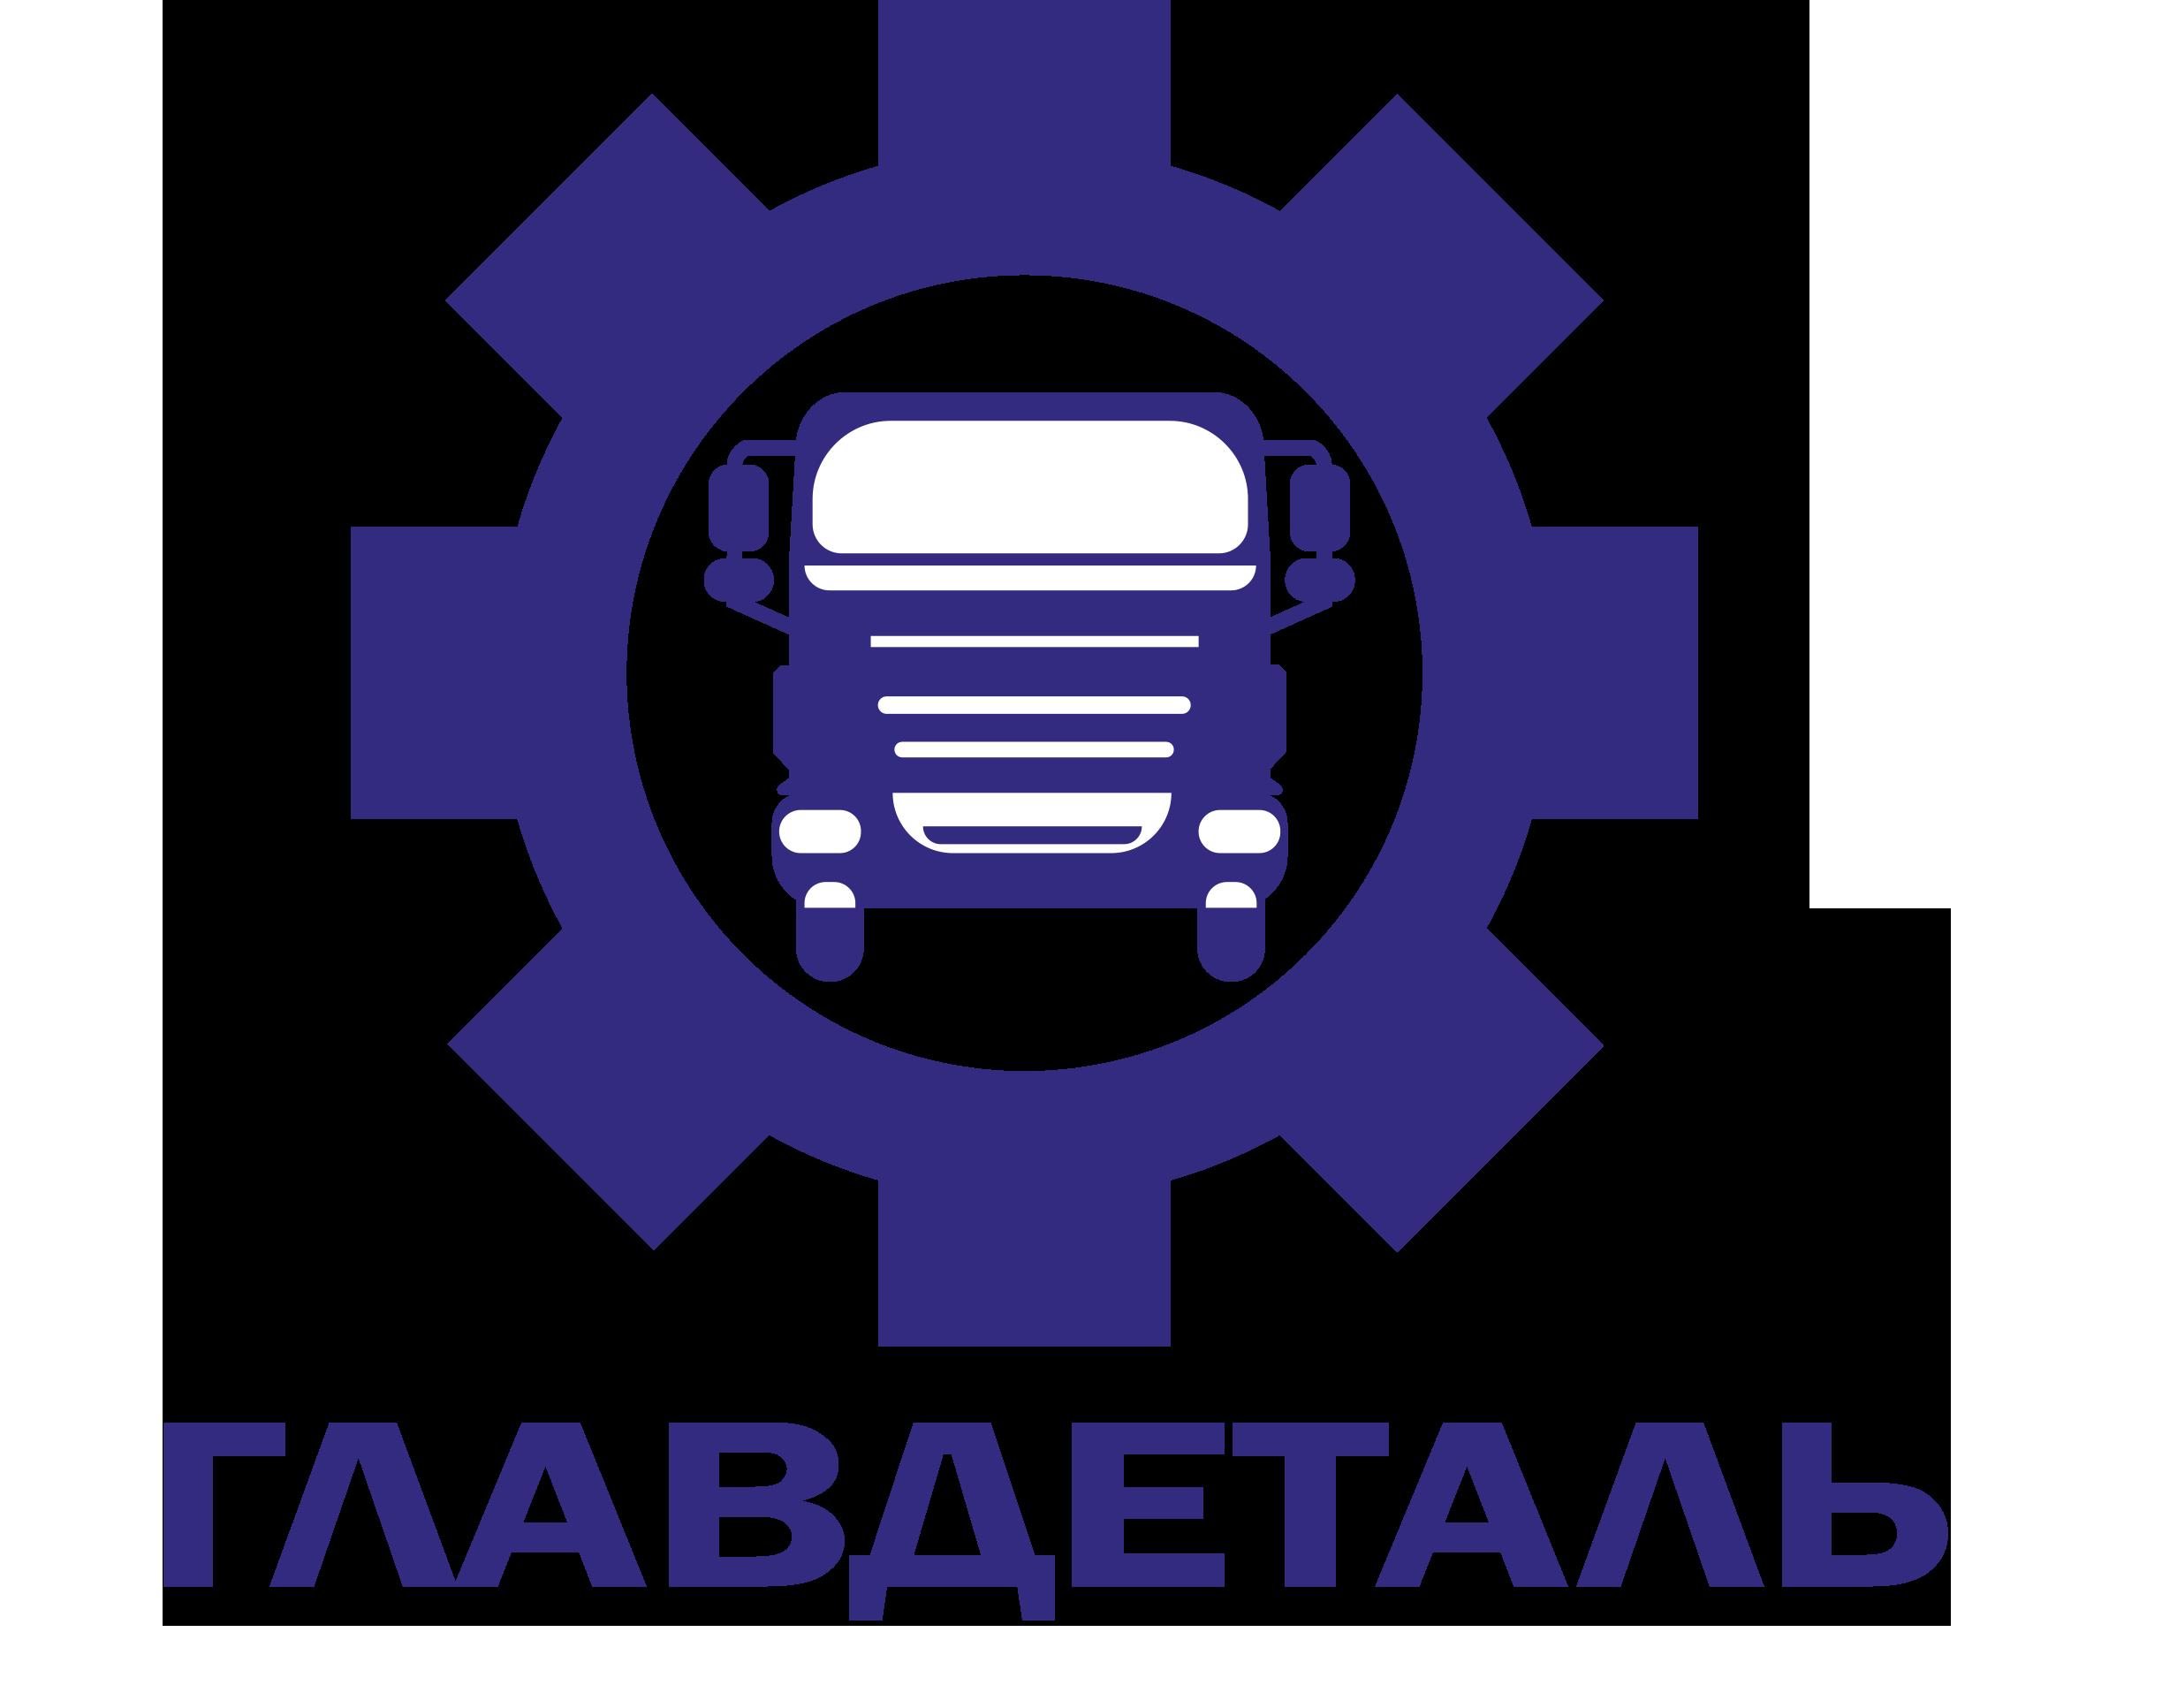 """Логотип компании """"Главдеталь"""" фото f_3405e7f4a356eb25.png"""